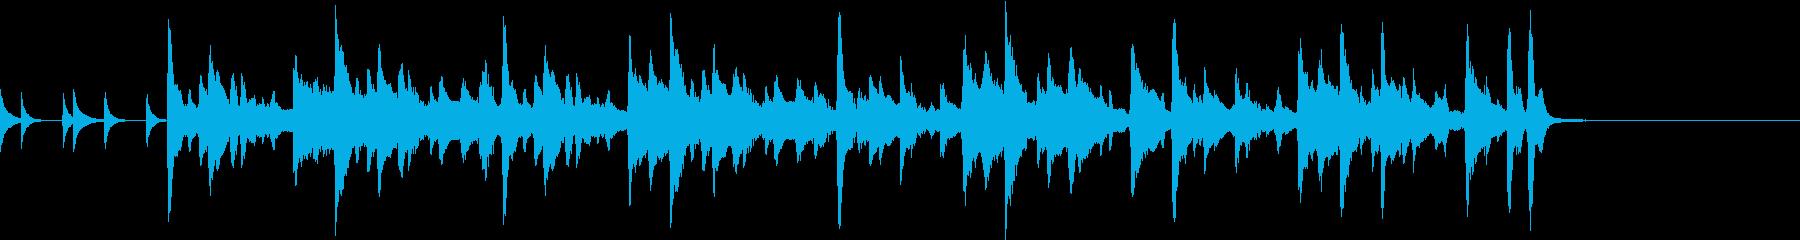 マリンバ ウクレレ 打楽器 ジングル1の再生済みの波形